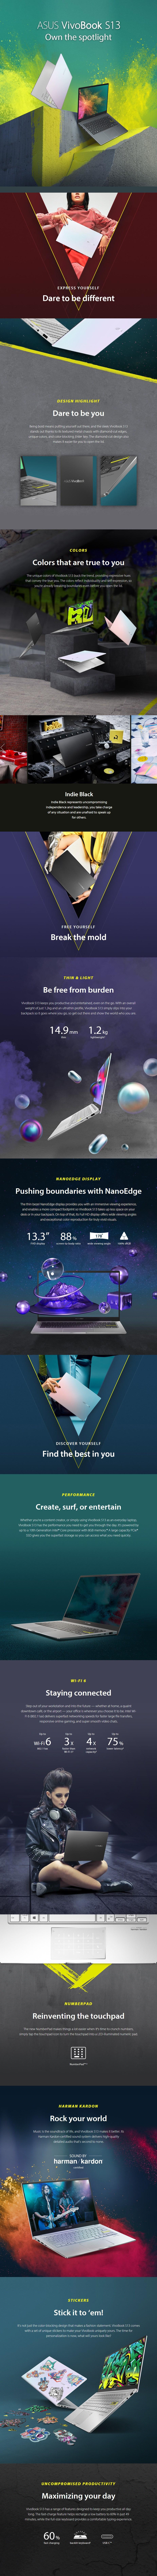 asus-vivobook-s13-s333jp-133-laptop-i51035g1-8gb-512gb-mx330-w10p-ac33625-10-1-.jpg